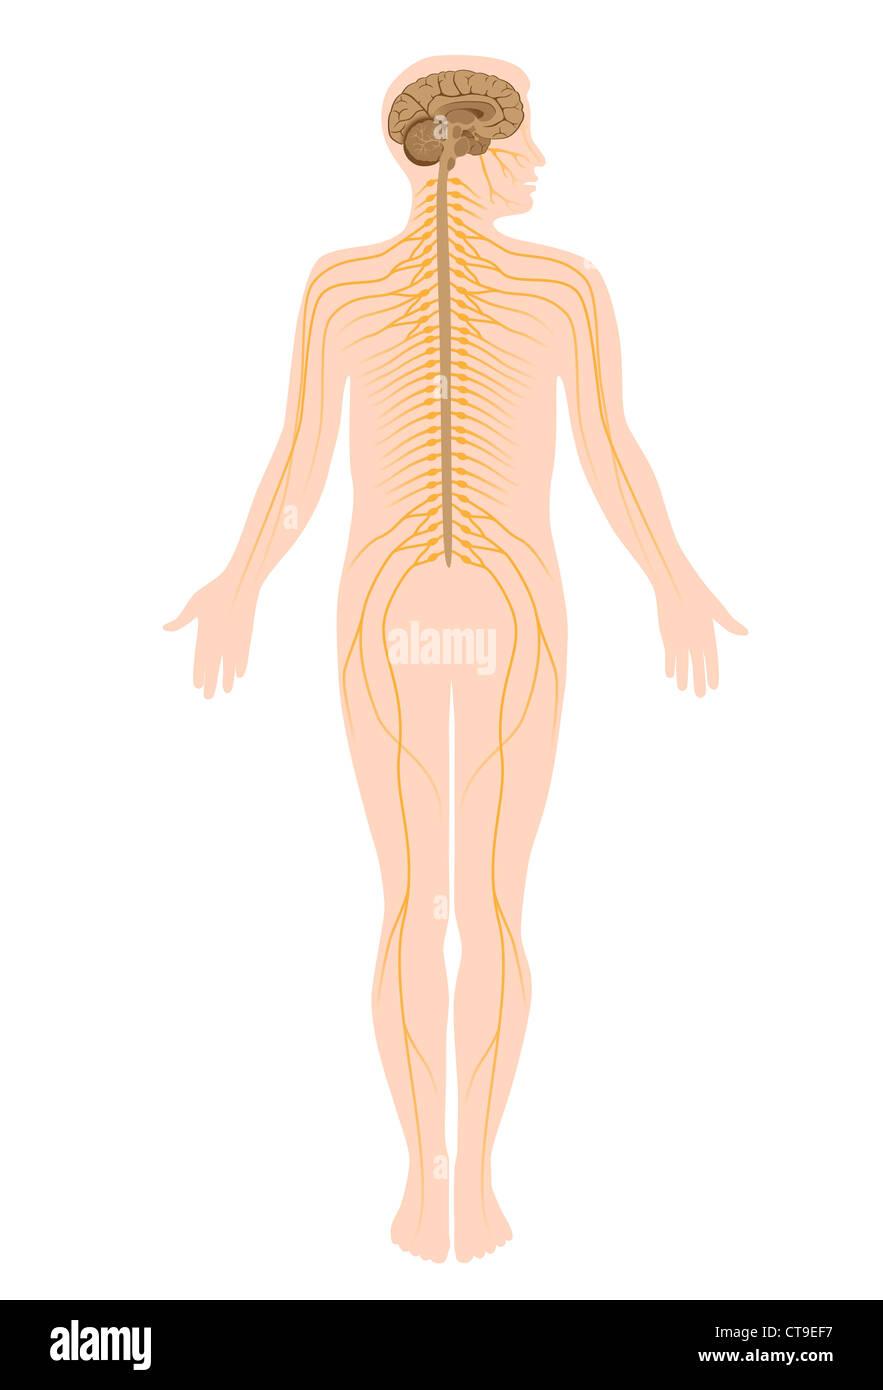 Schön Diagramm Des Nervensystems Des Menschlichen Körpers Ideen ...